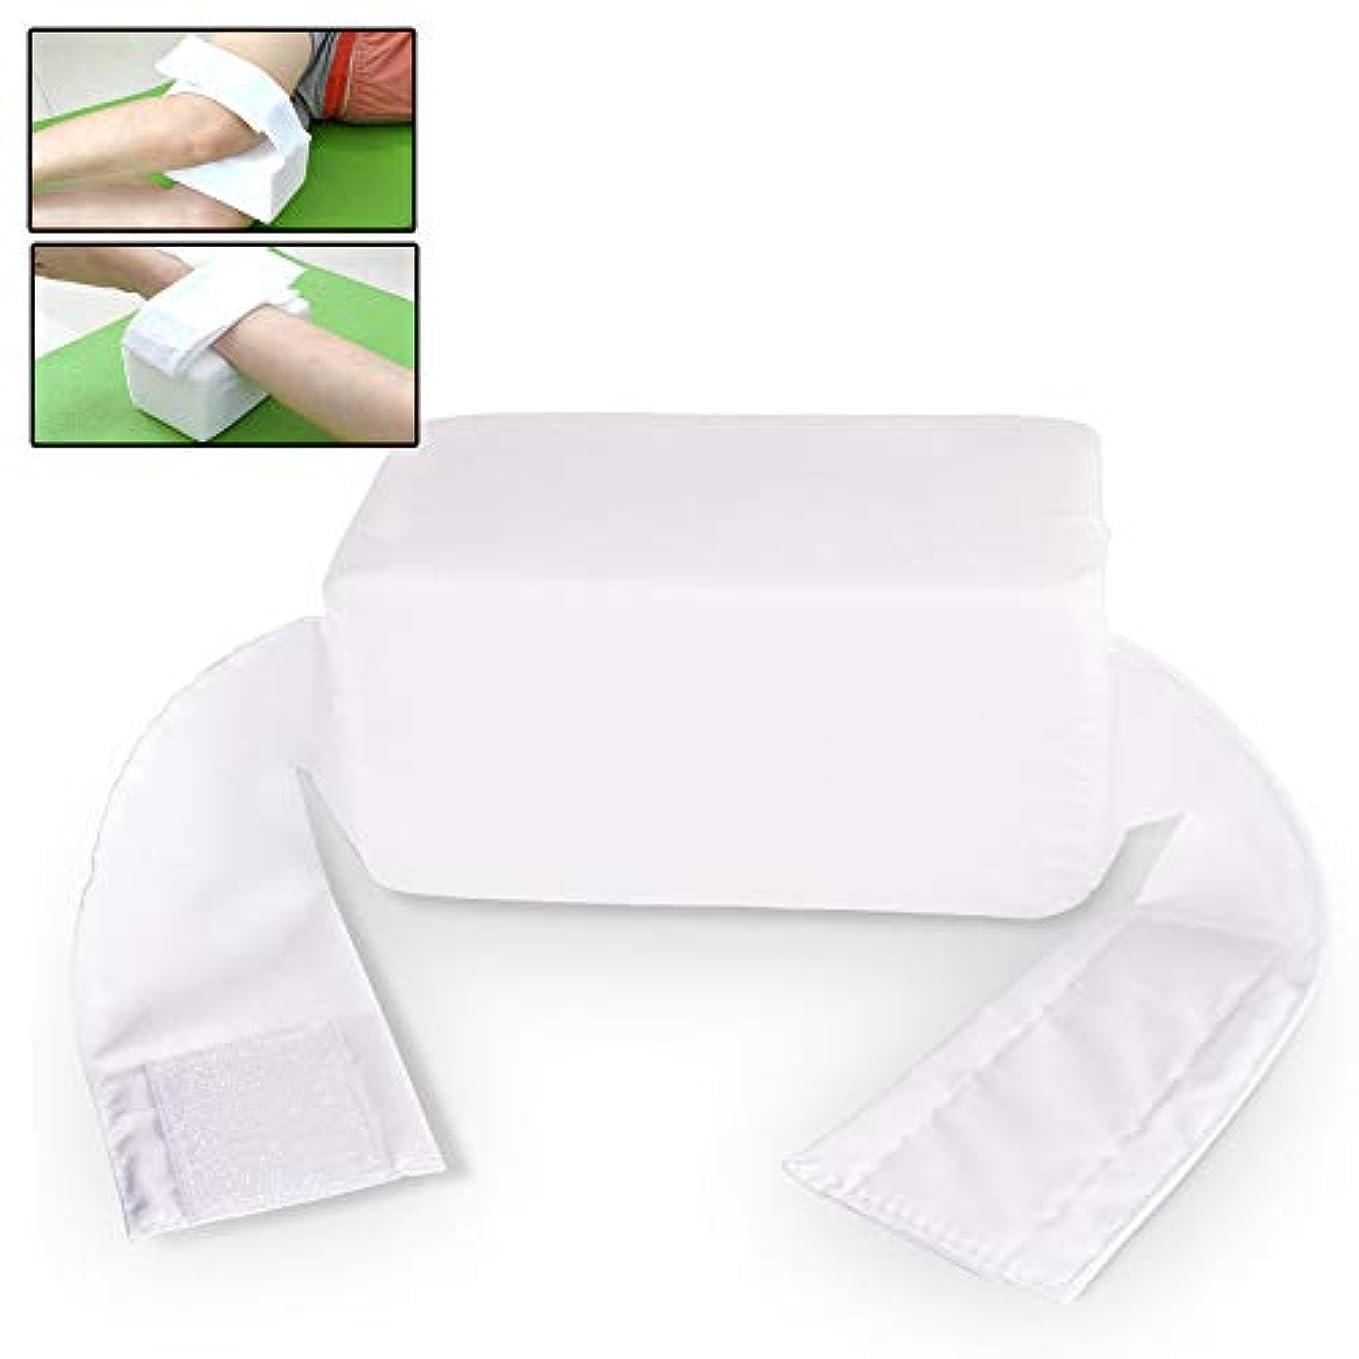 旅速いモード調節可能なストラップ付きの多機能抗床ずれ膝枕 -サイドスリーパー、坐骨神経痛、妊娠と関節痛のためのくさびスポンジ枕